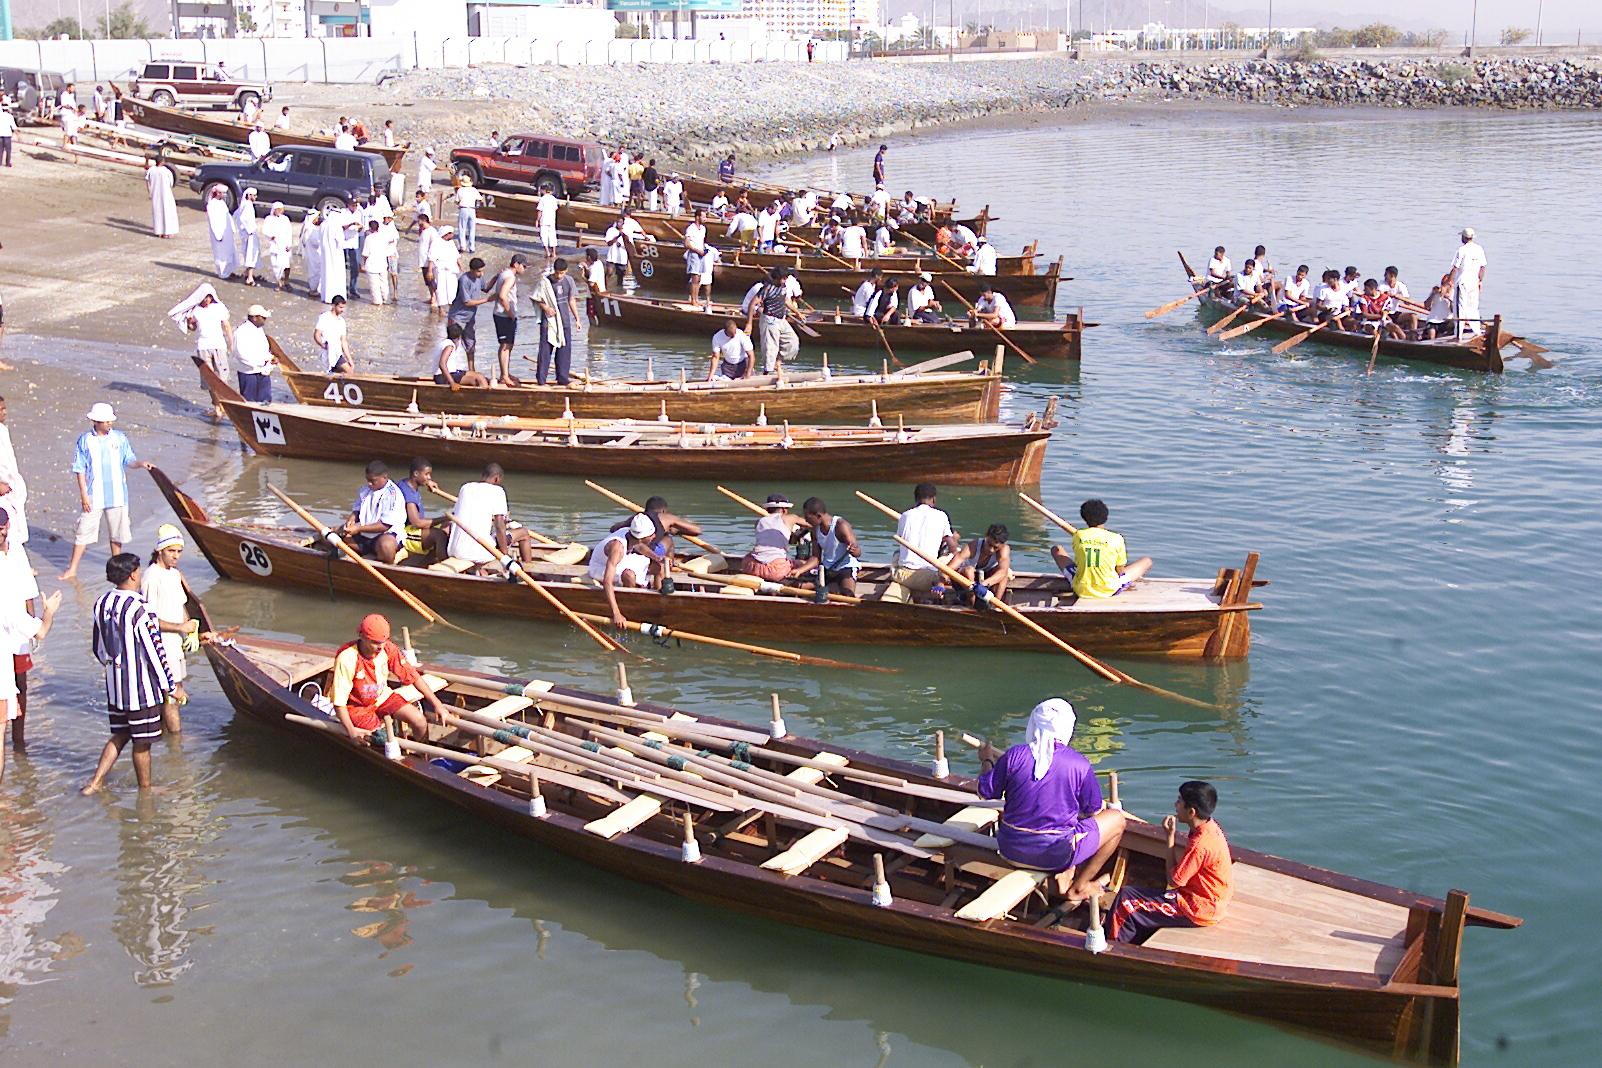 بطولة دبي لقوارب التجديف الحديثة 2020